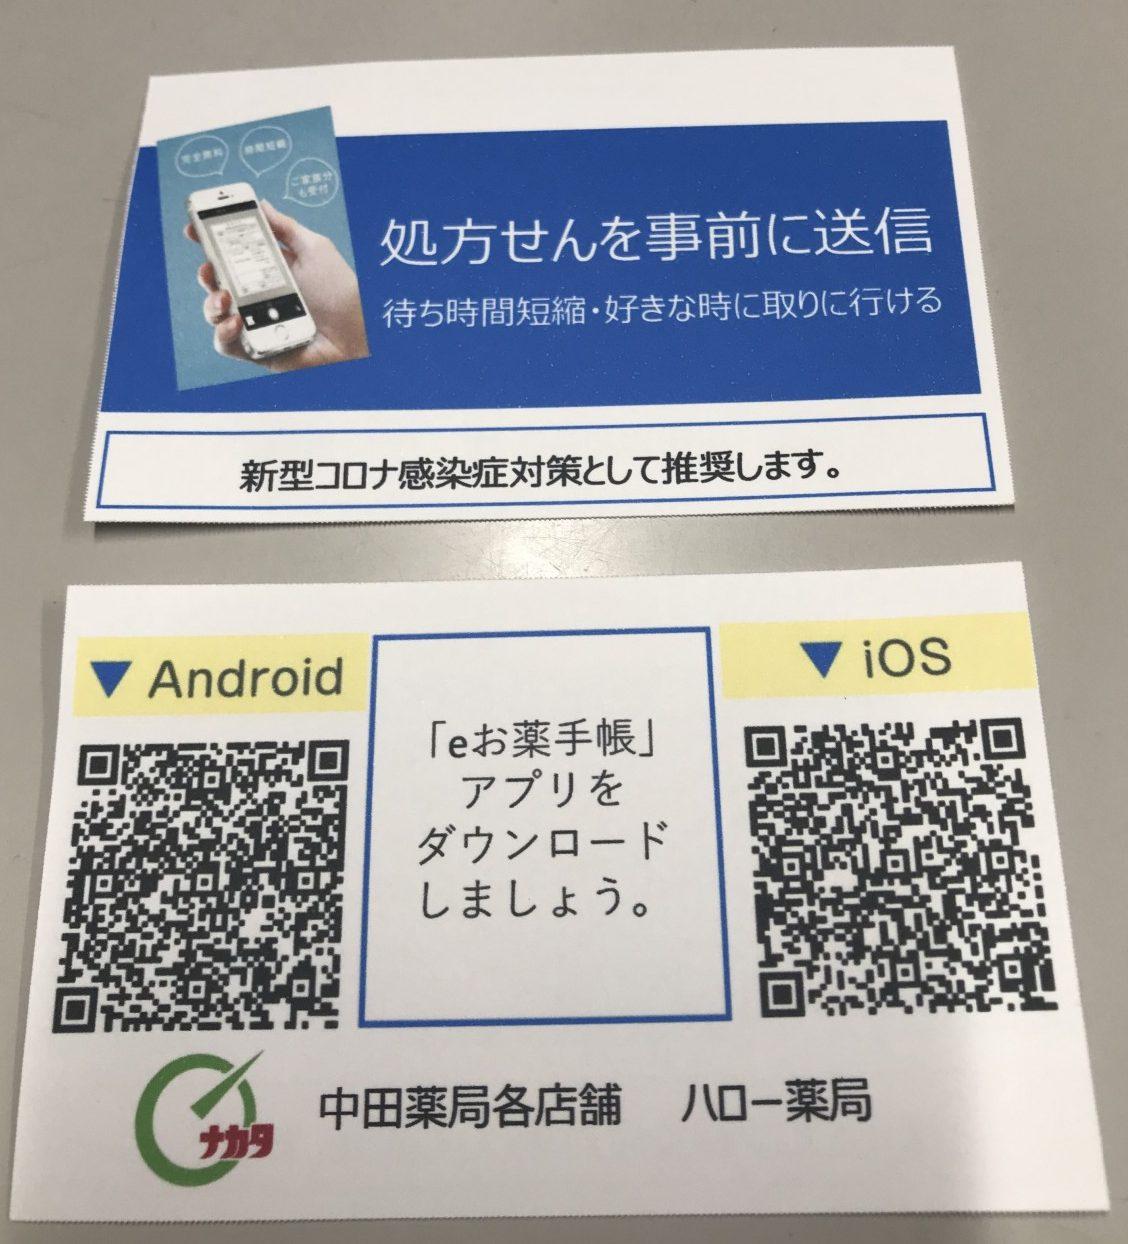 電子お薬手帳アプリ